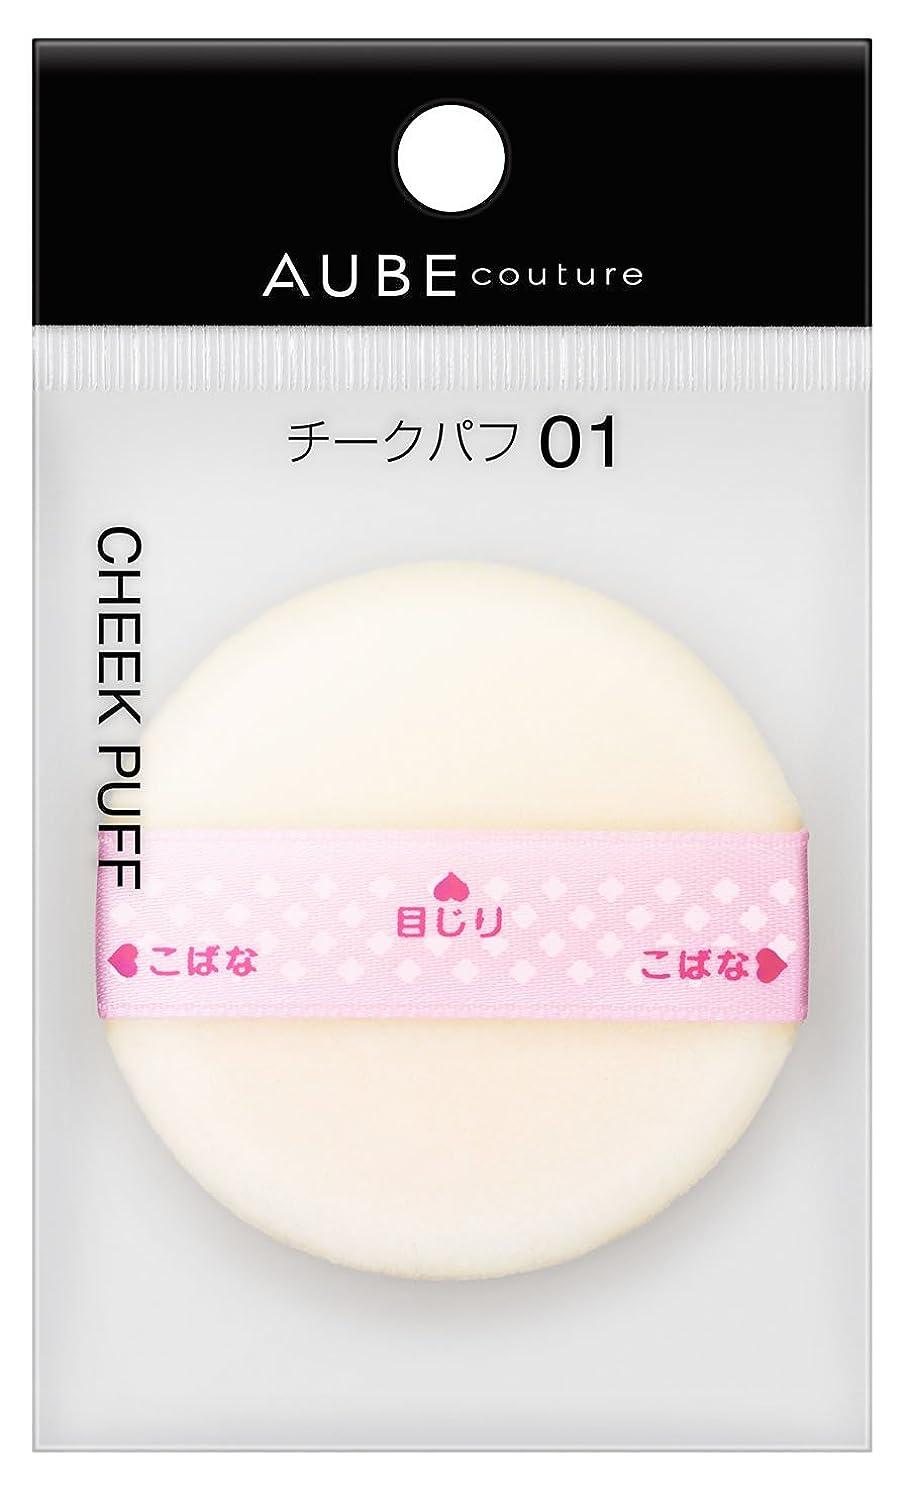 懲らしめサイズシロクマソフィーナ オーブ チークパフ 01